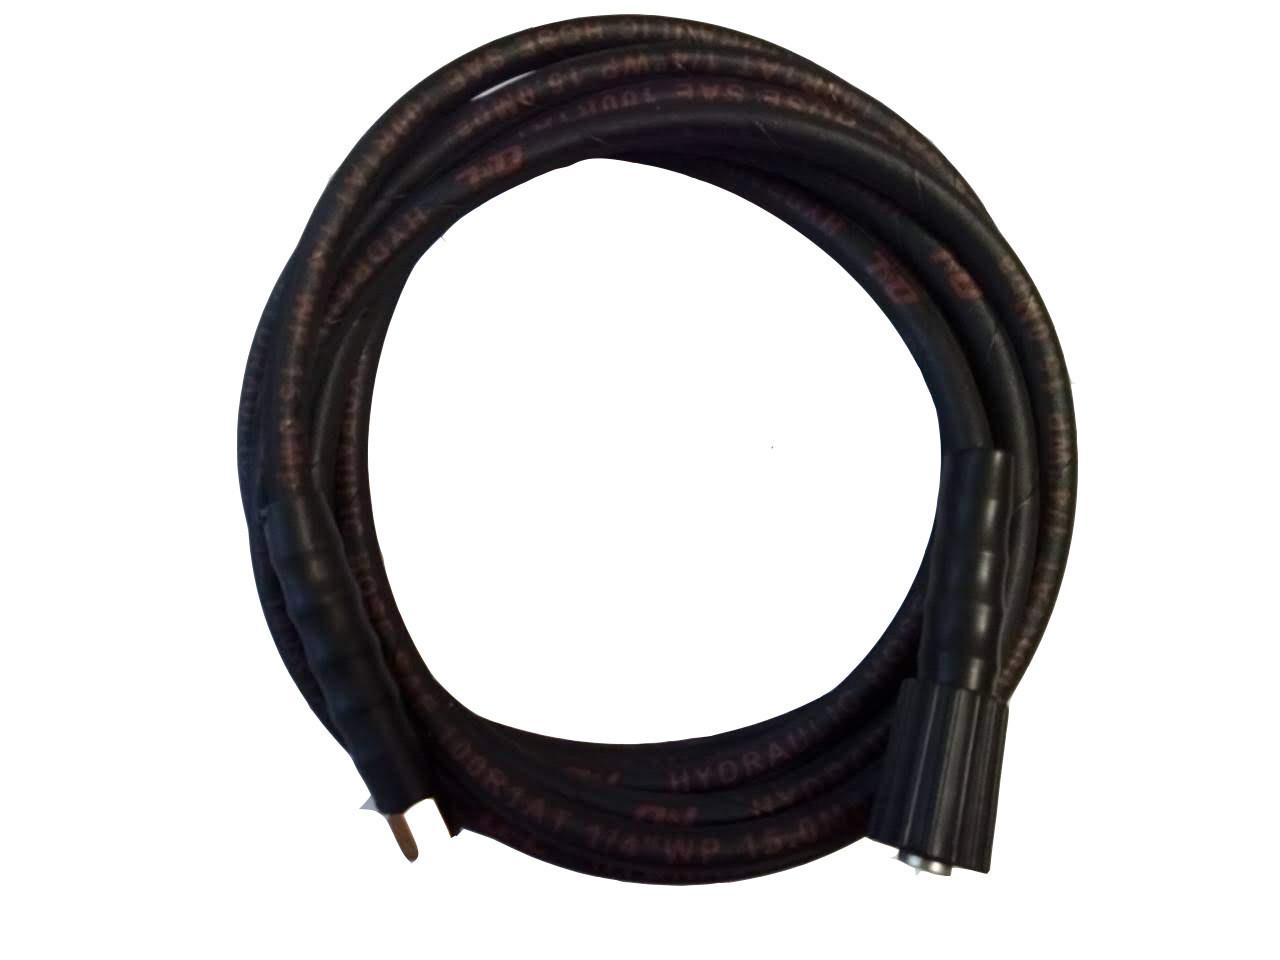 Шланг Iron для мойки высокого давления 12 м (армированный, 14 мм)